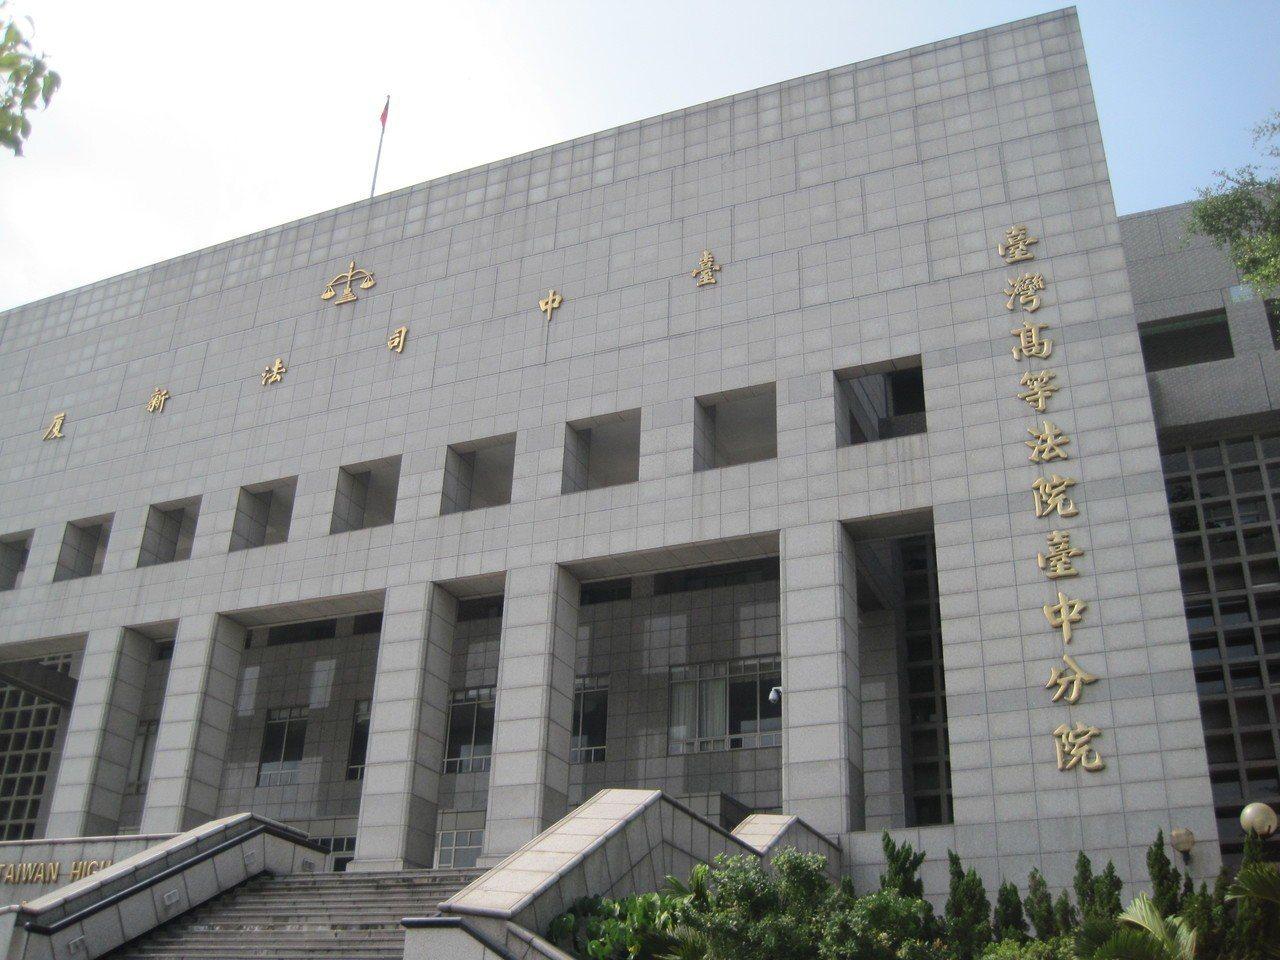 台中市有大樓頂樓設電信基地台,台中高分院判決拆除確定。 圖/聯合報系資料照片